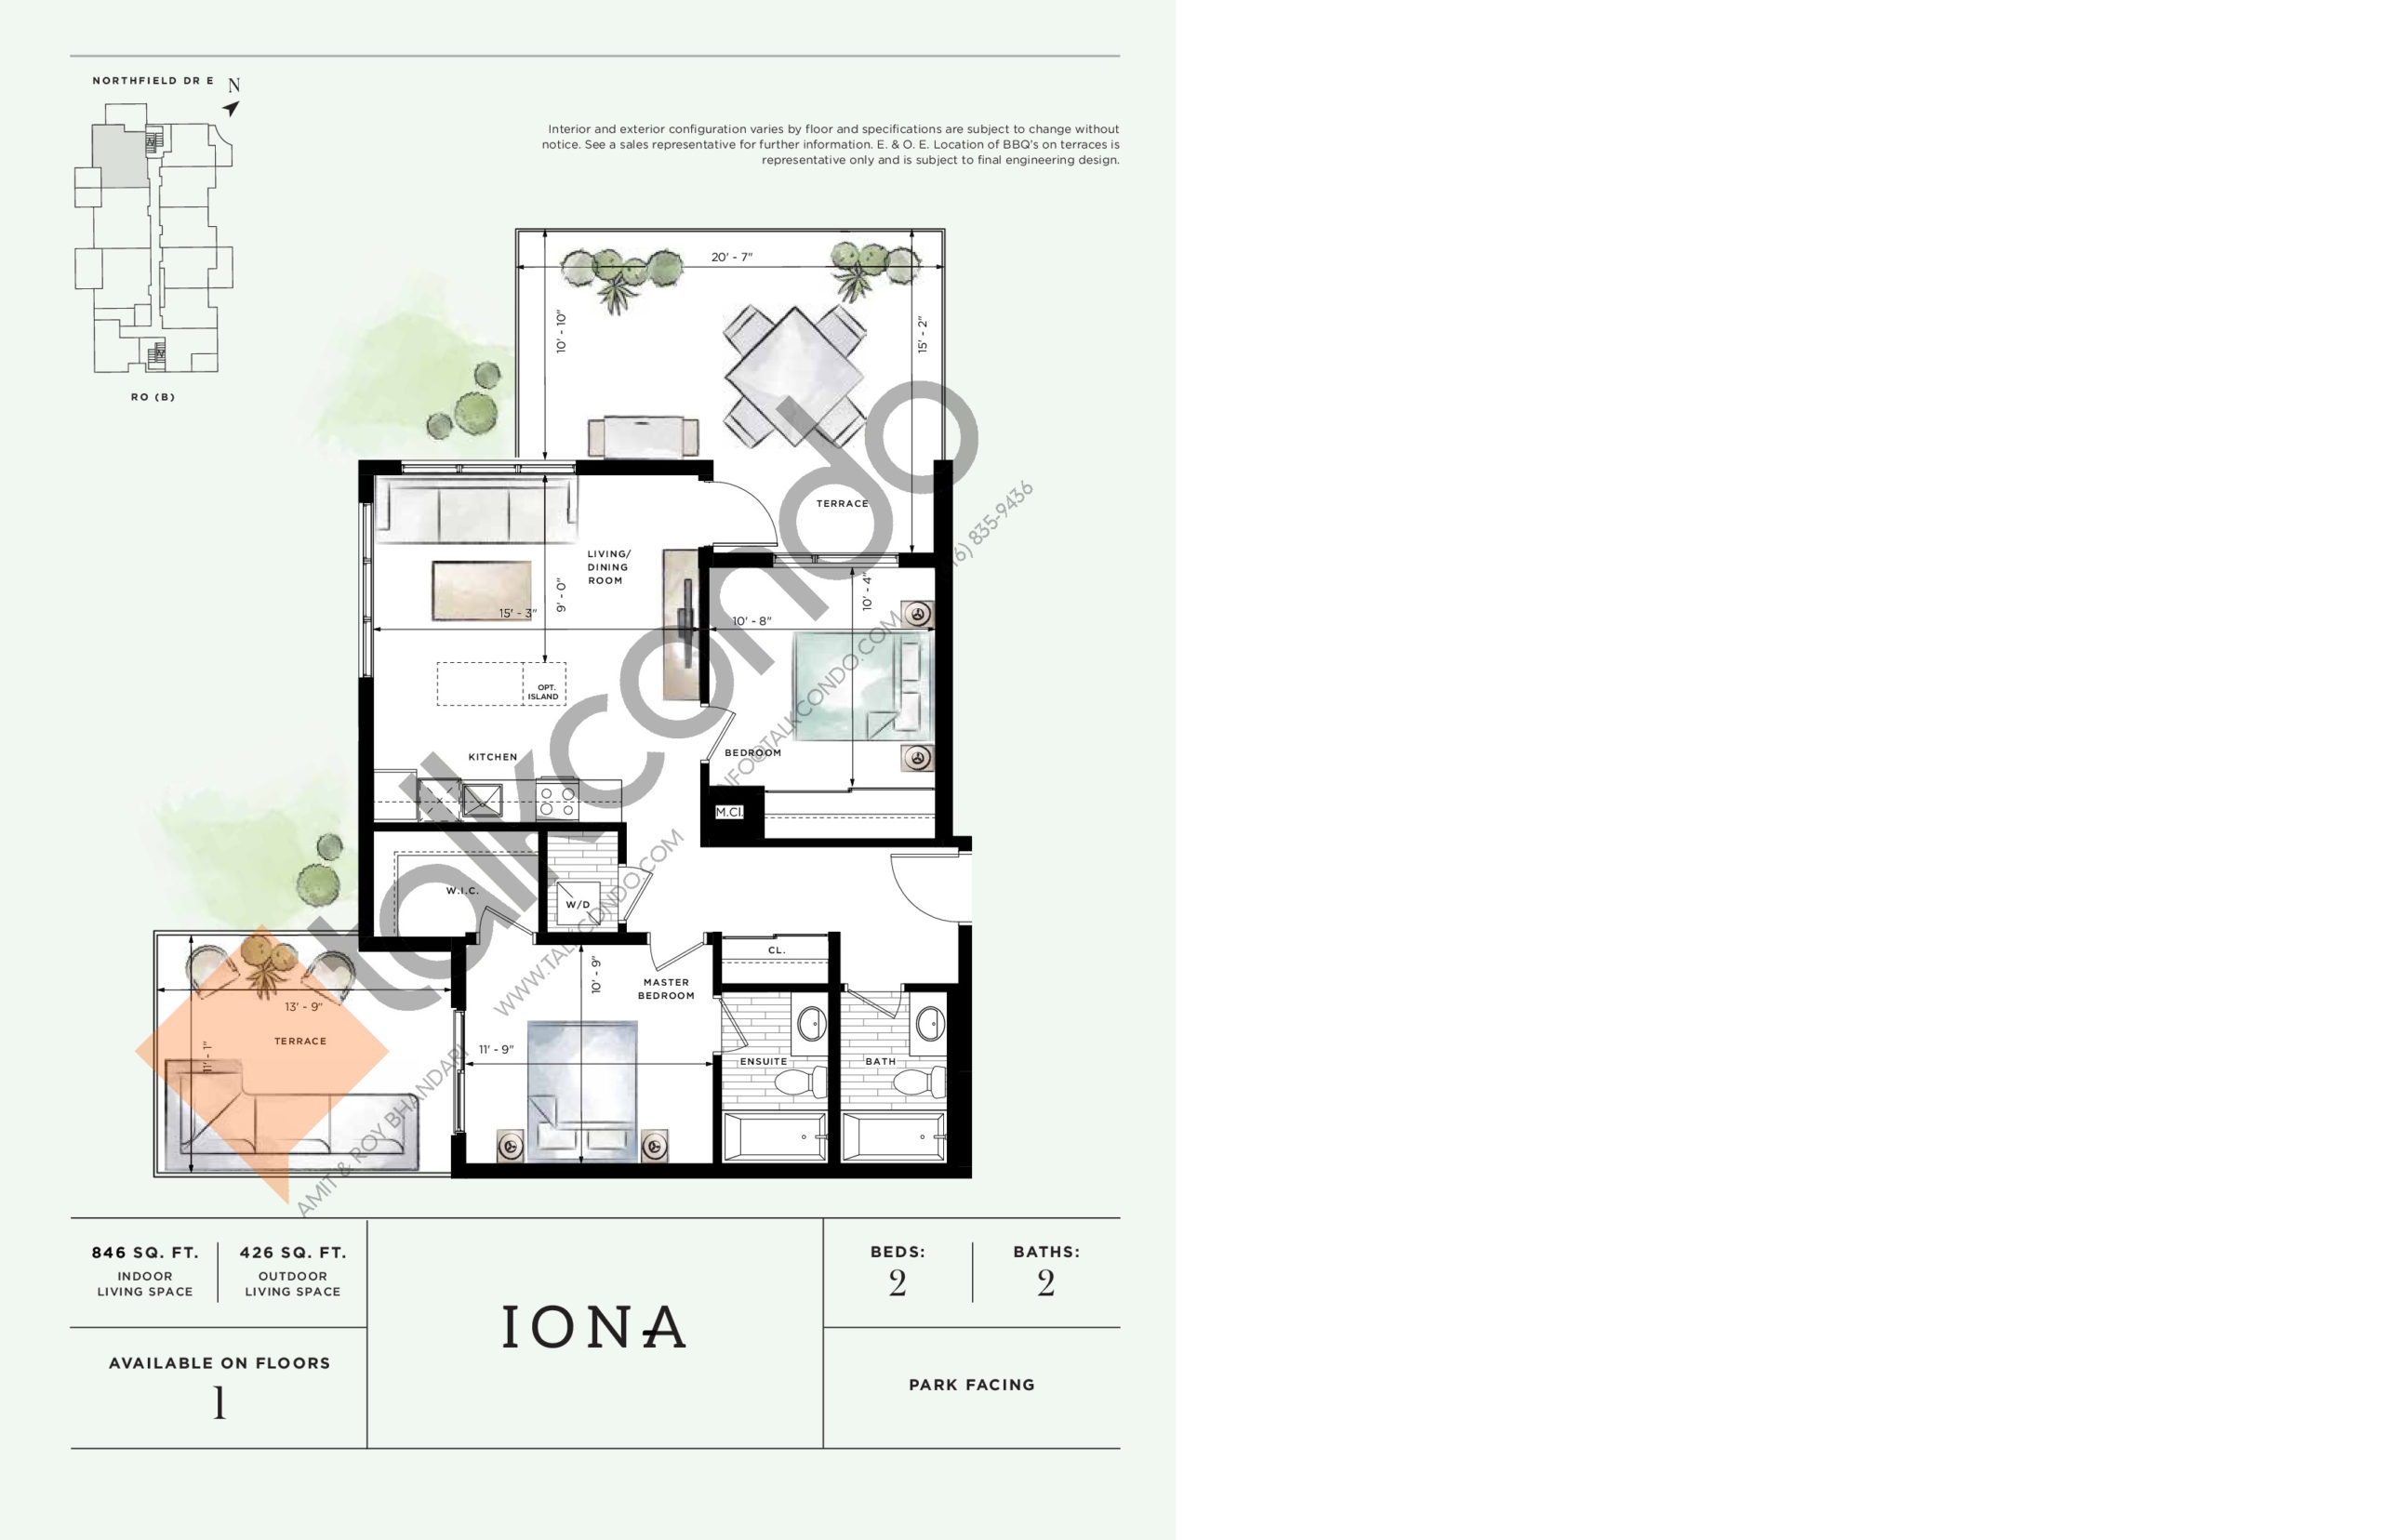 Iona Floor Plan at Ro at Blackstone Condos - 846 sq.ft